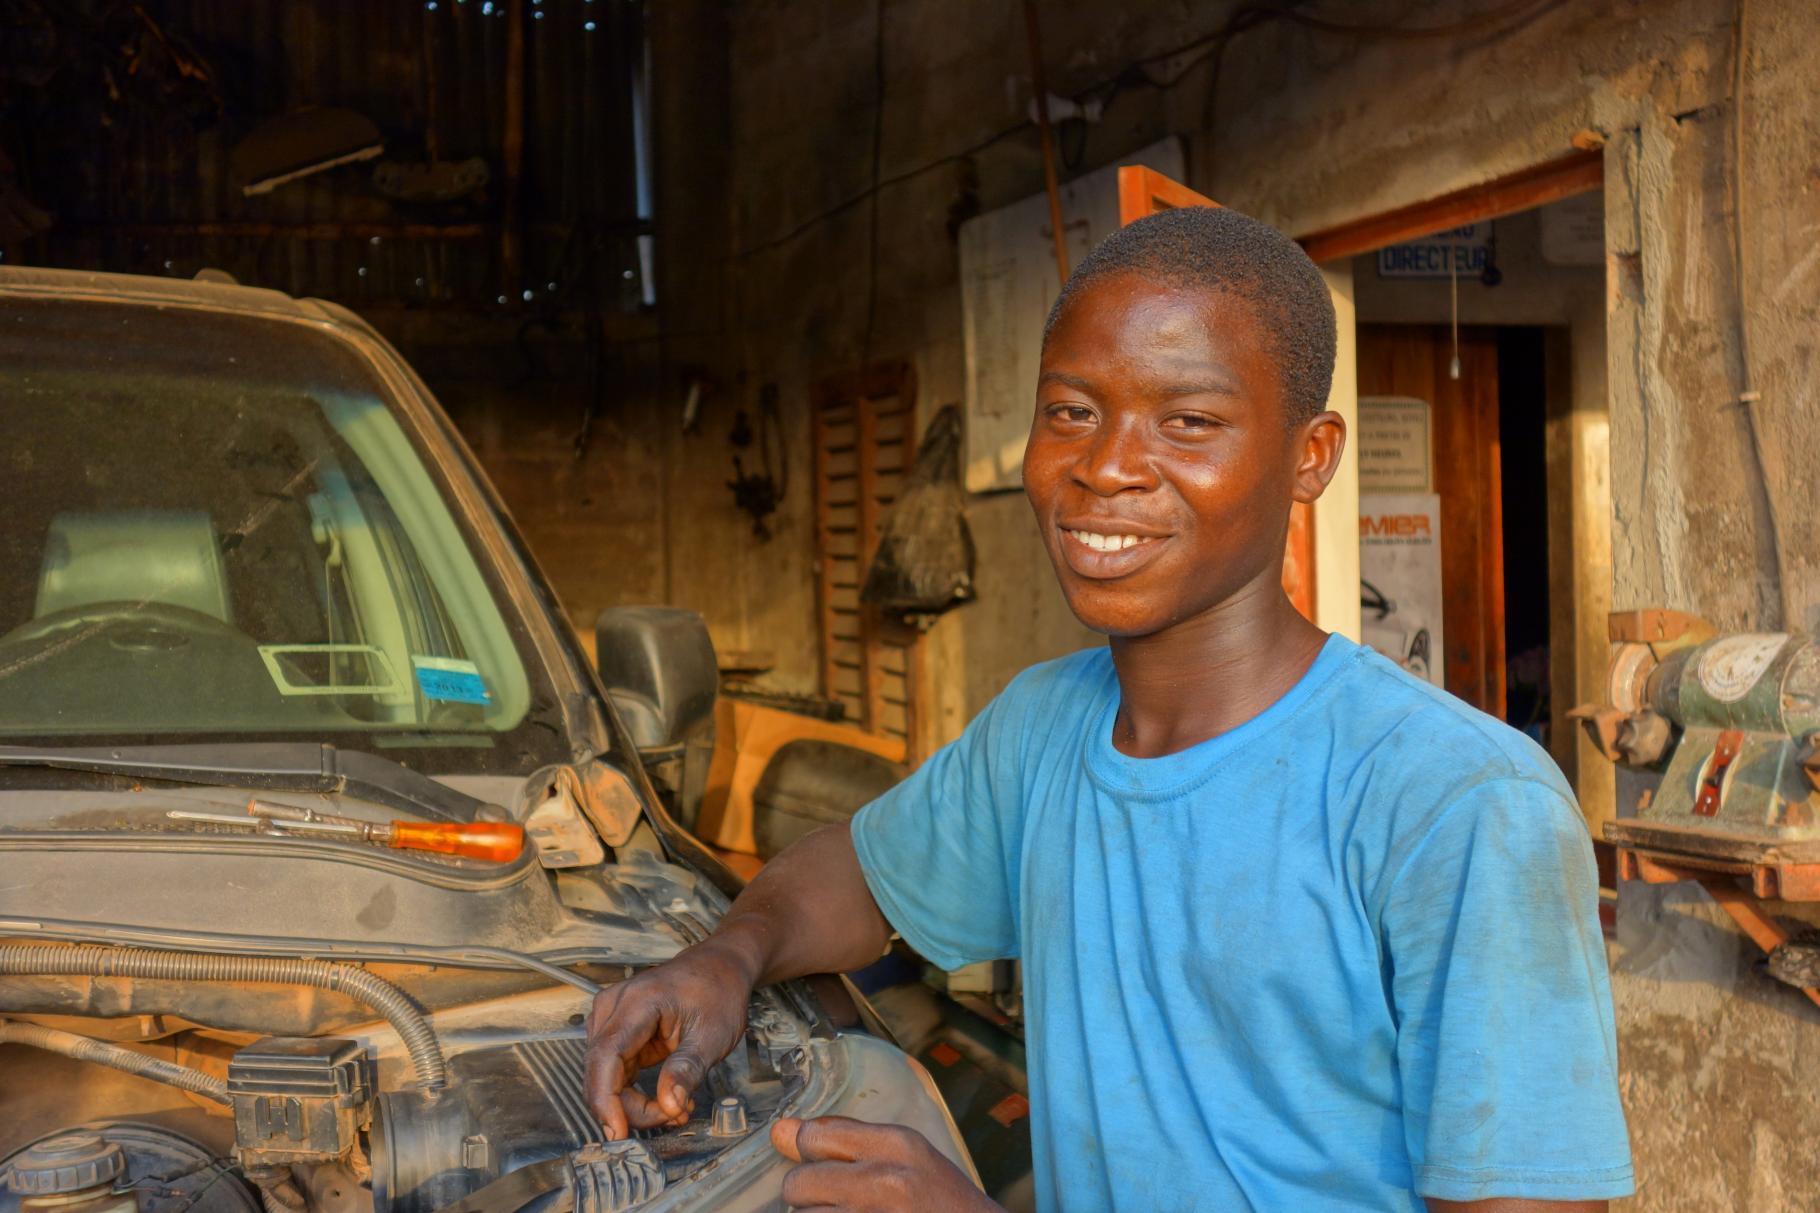 Michael aus Benin in der Autowerkstatt, in der er ausgebildet wird